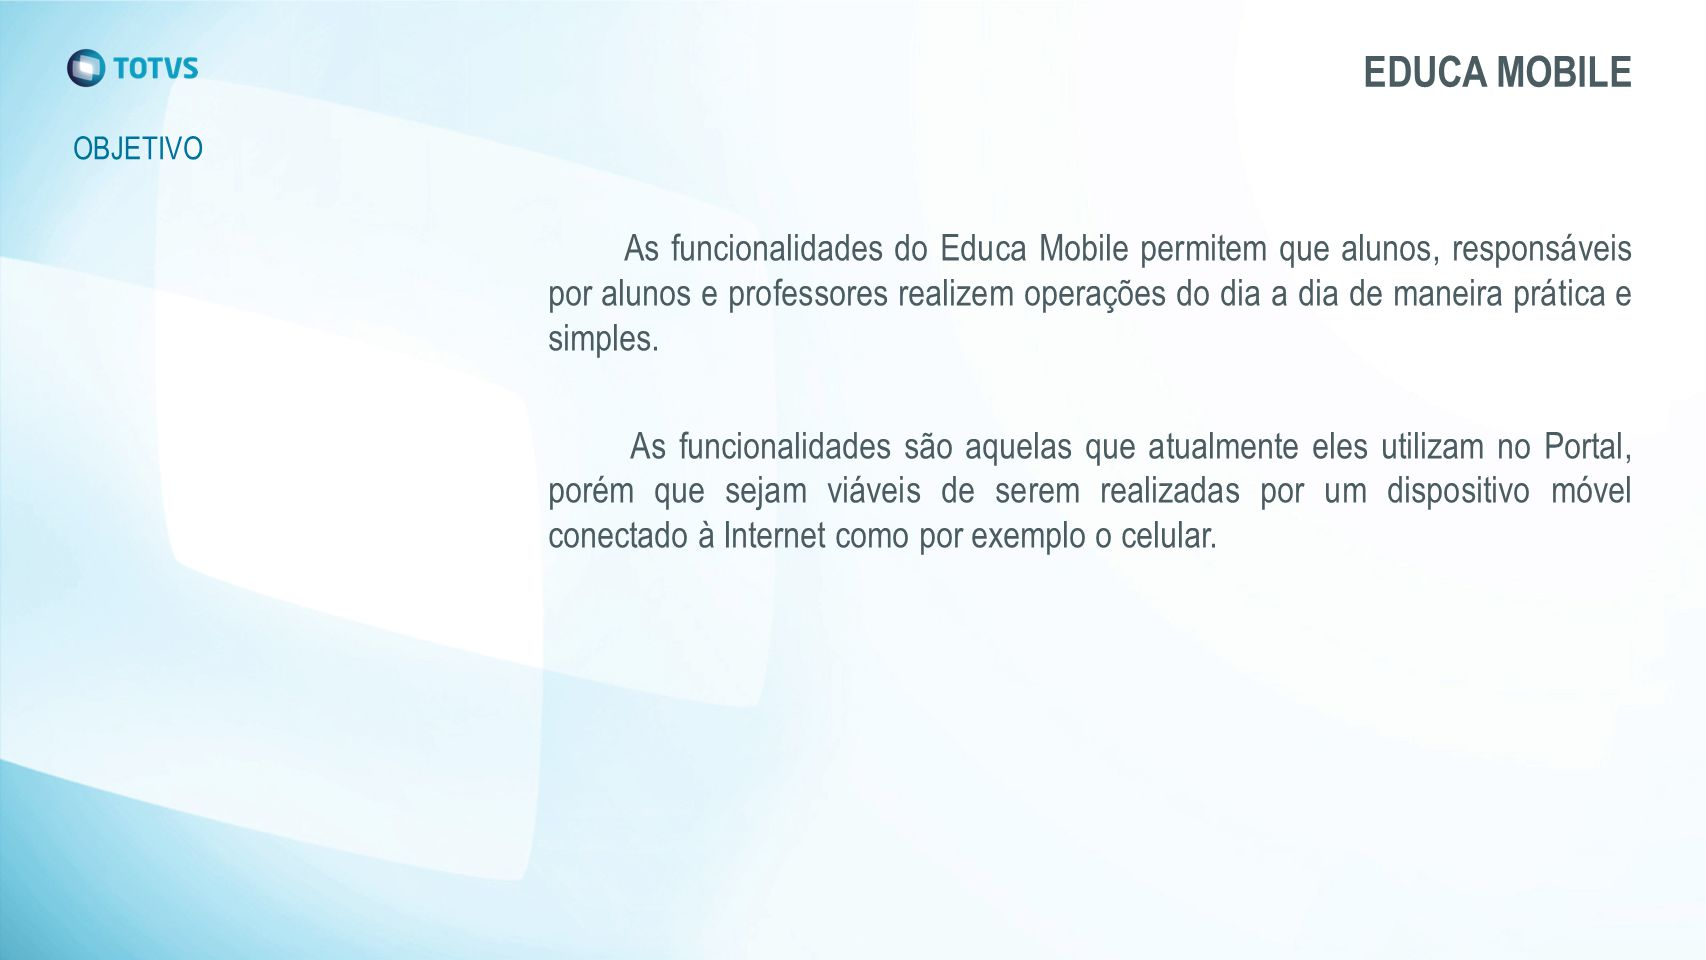 PROFESSOR EDUCA MOBILE Menu: Menu principal das funcionalidades mostrado logo que usuário entra na aplicação.